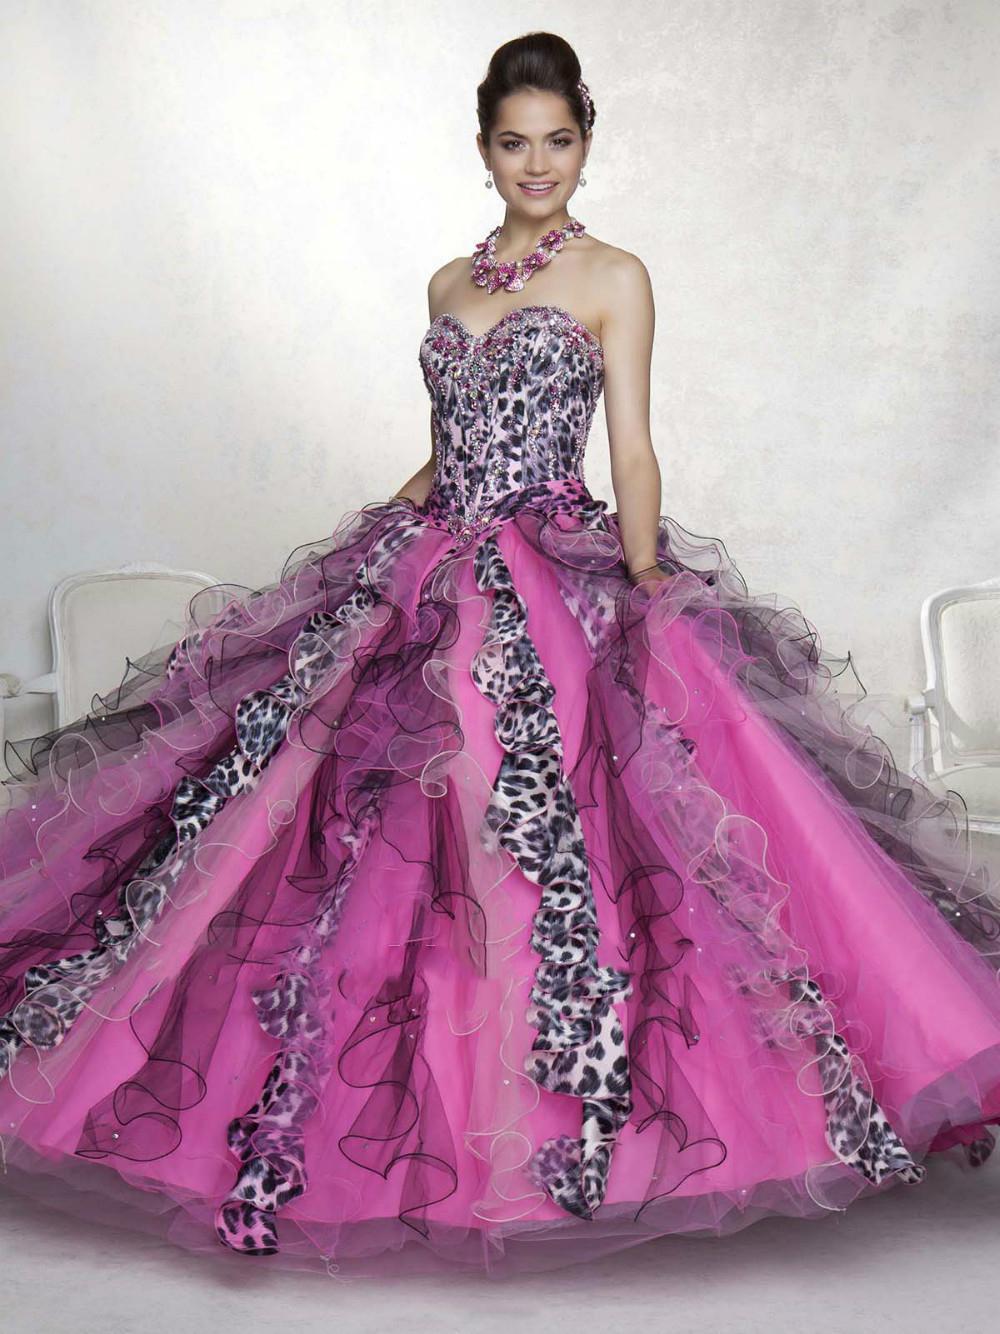 Bonito Tema De Vestido De Fiesta Motivo - Vestido de Novia Para Las ...